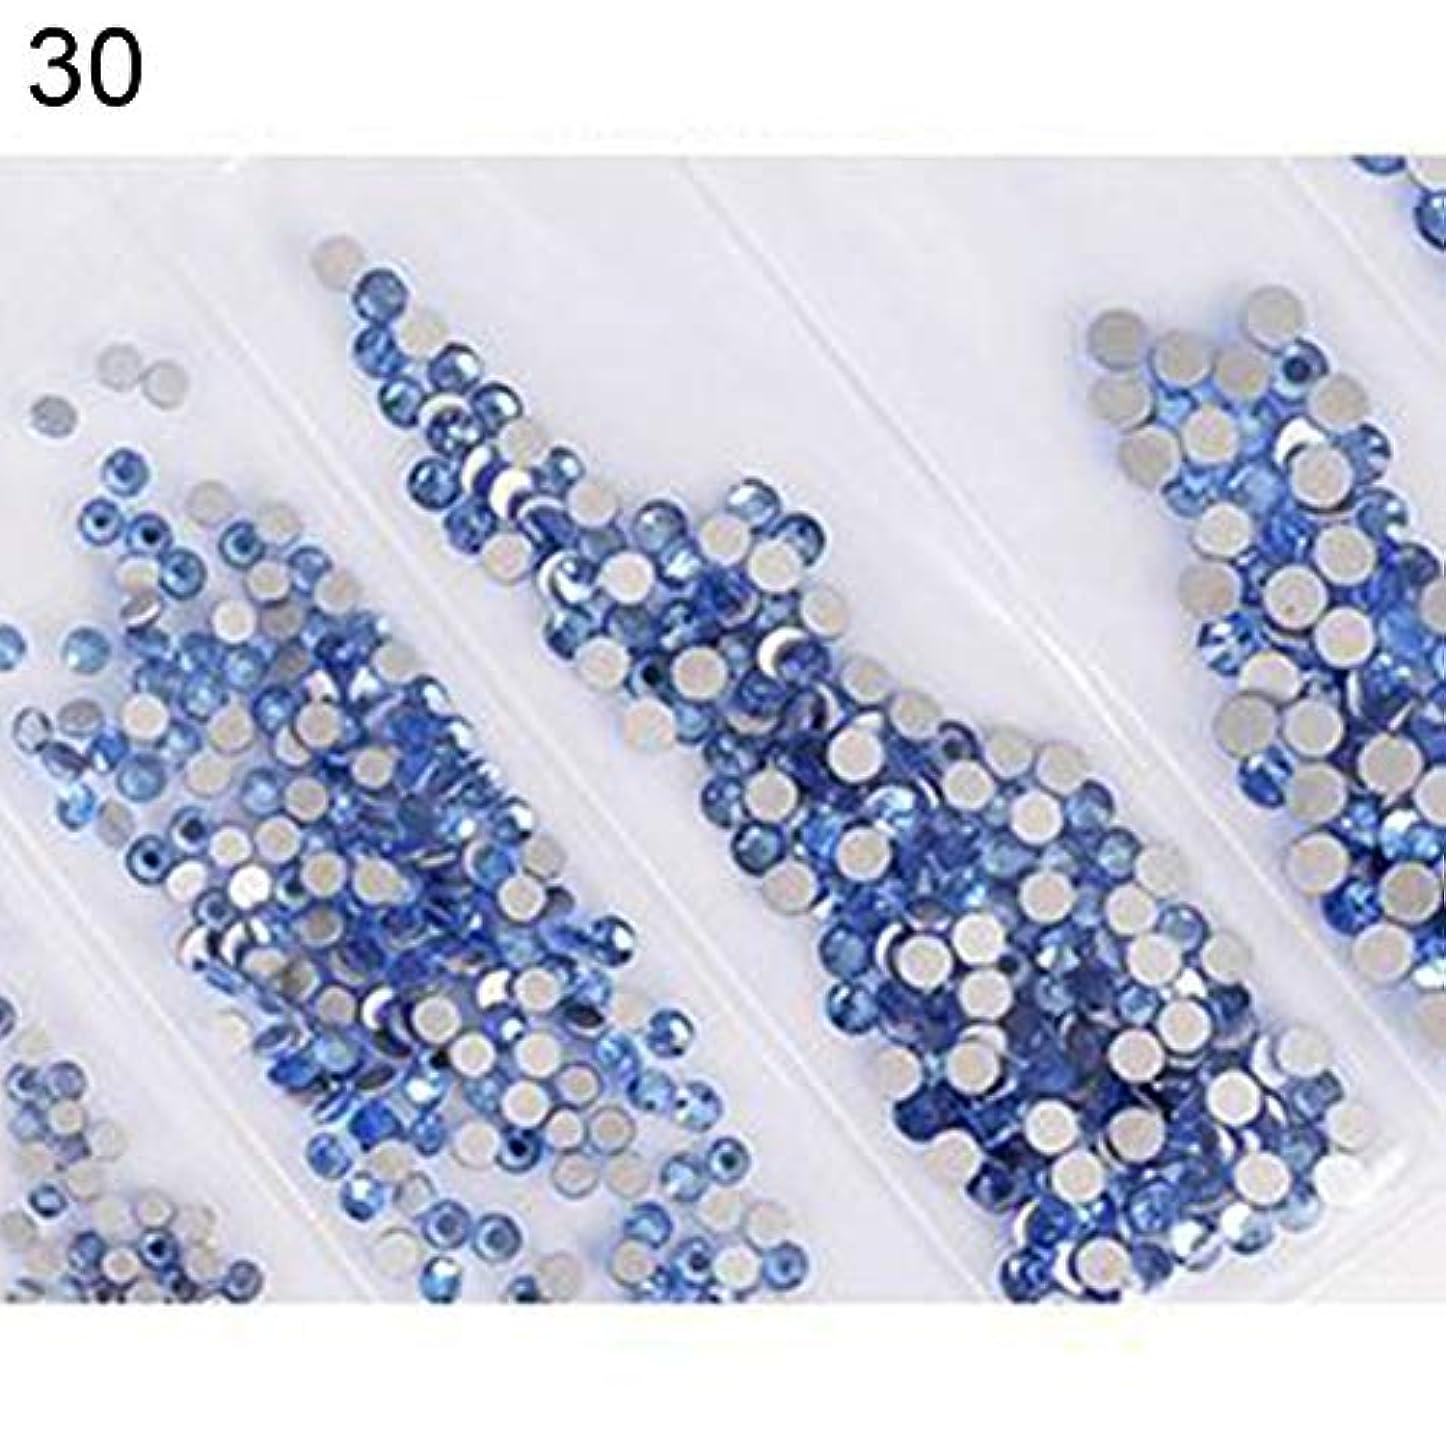 小さい変更可能わざわざhamulekfae-6ピース光沢のあるフラットガラスラインストーンネイルアートの装飾diyマニキュアのヒントツール 30#